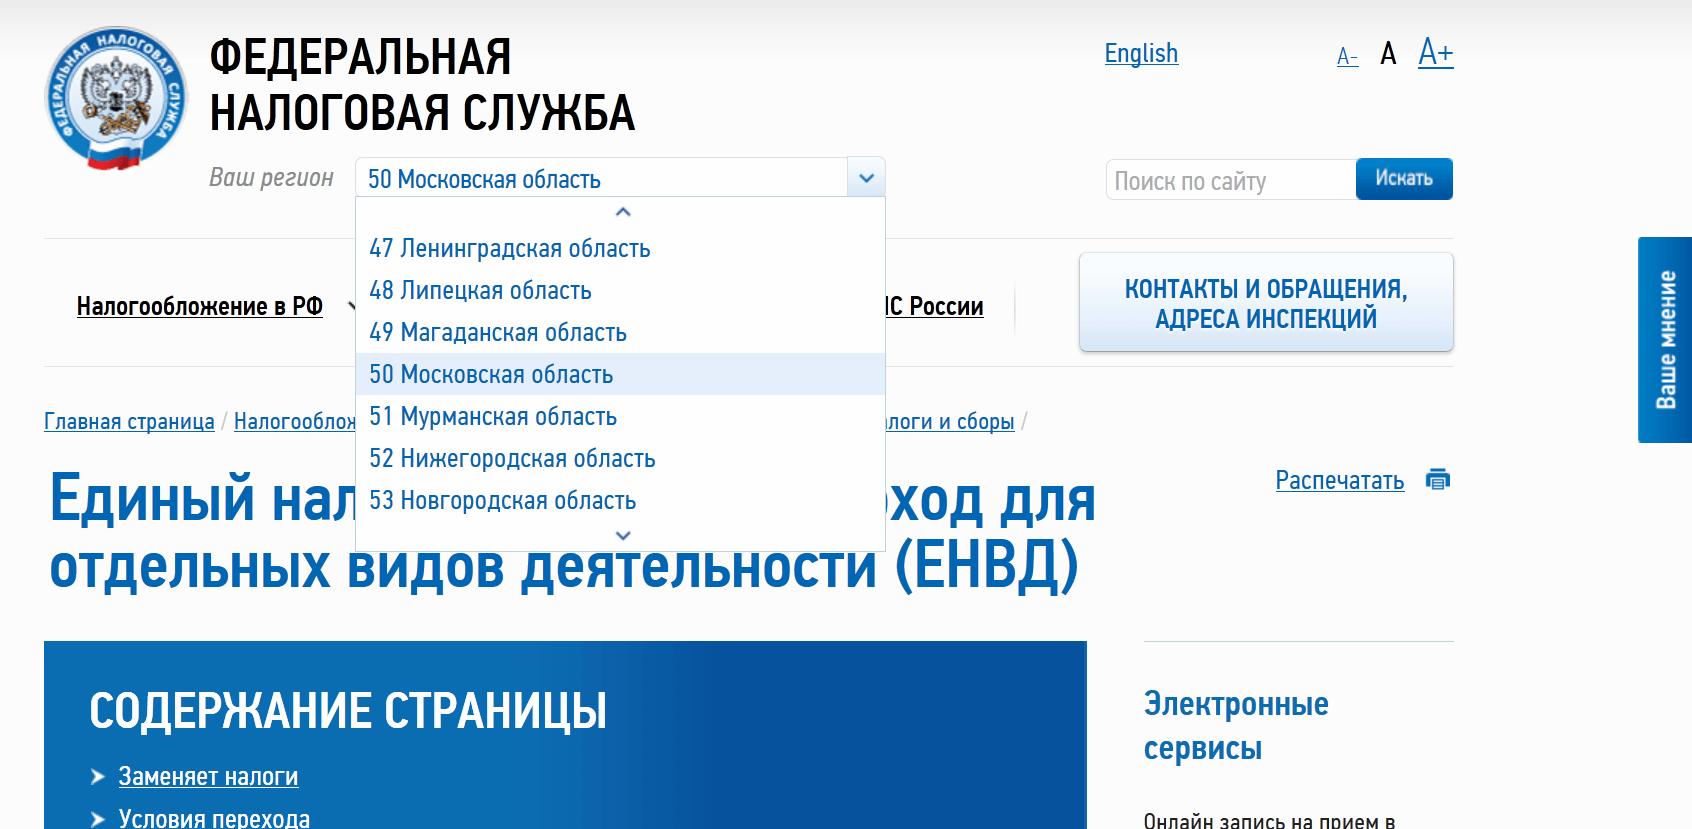 Виды деятельности попадающие под ЕНВД в 2015 году Московская область